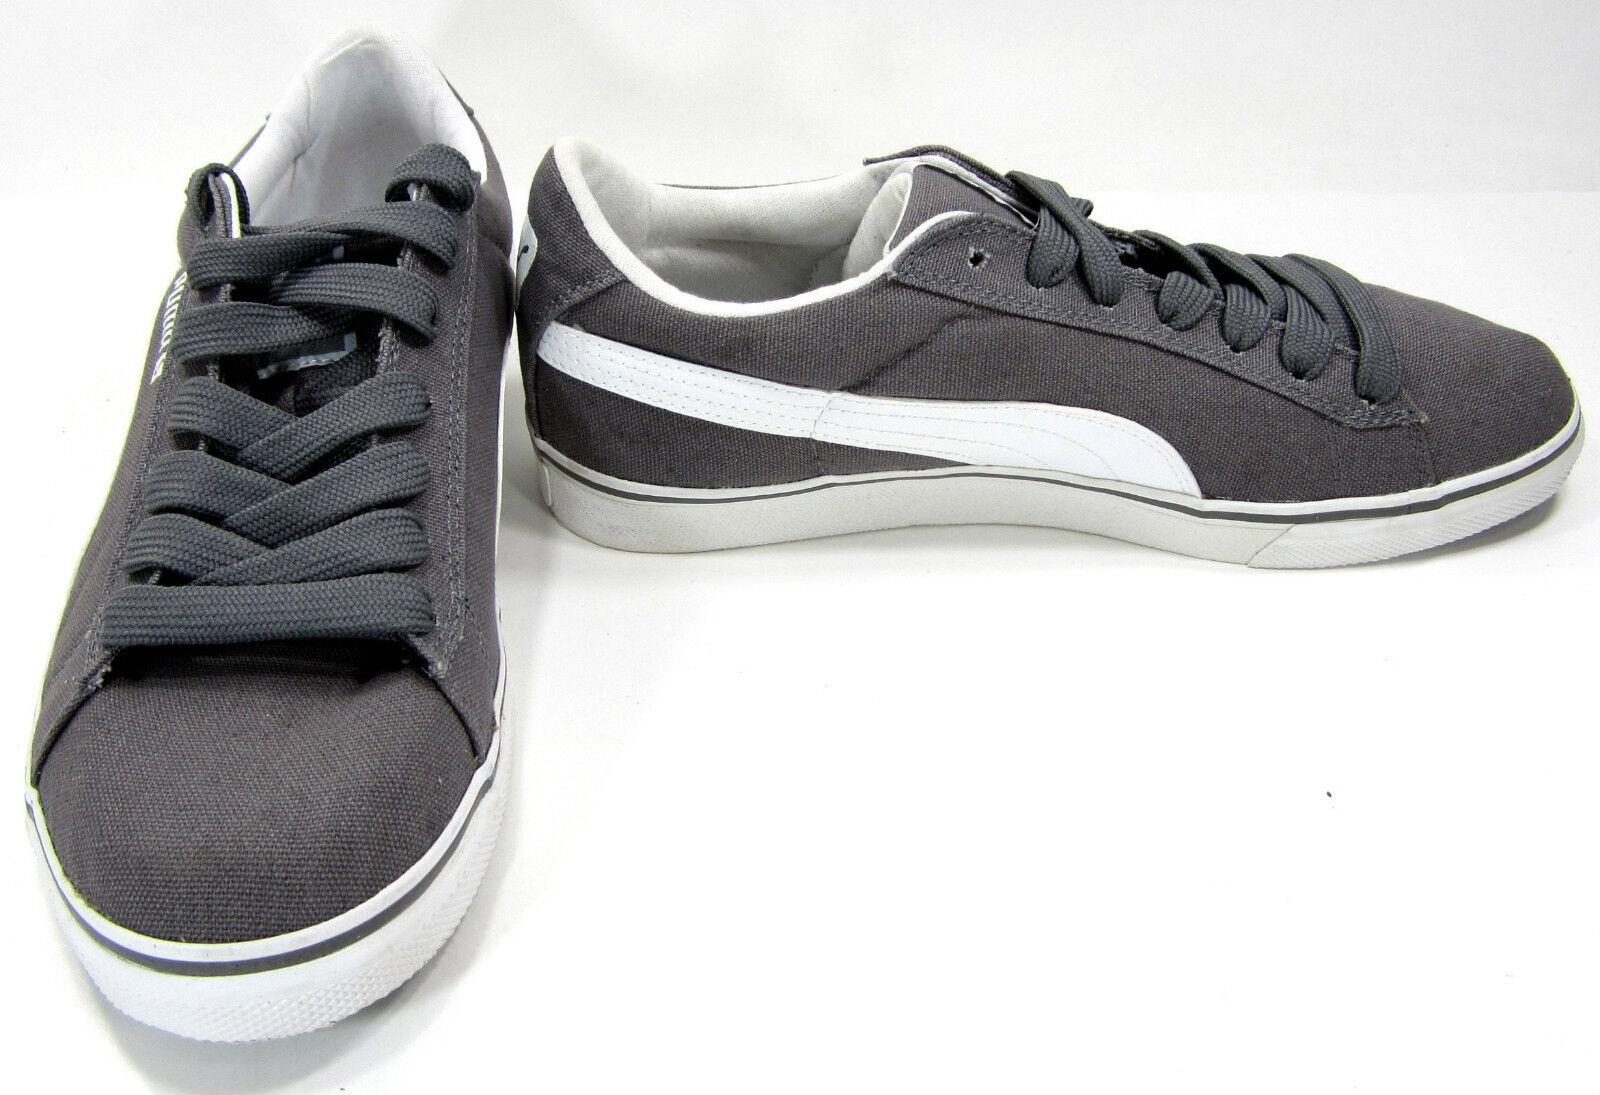 Puma Shoes Classic Vulcanized Canvas Lo Gray Sneakers Size 10 Scarpe classiche da uomo